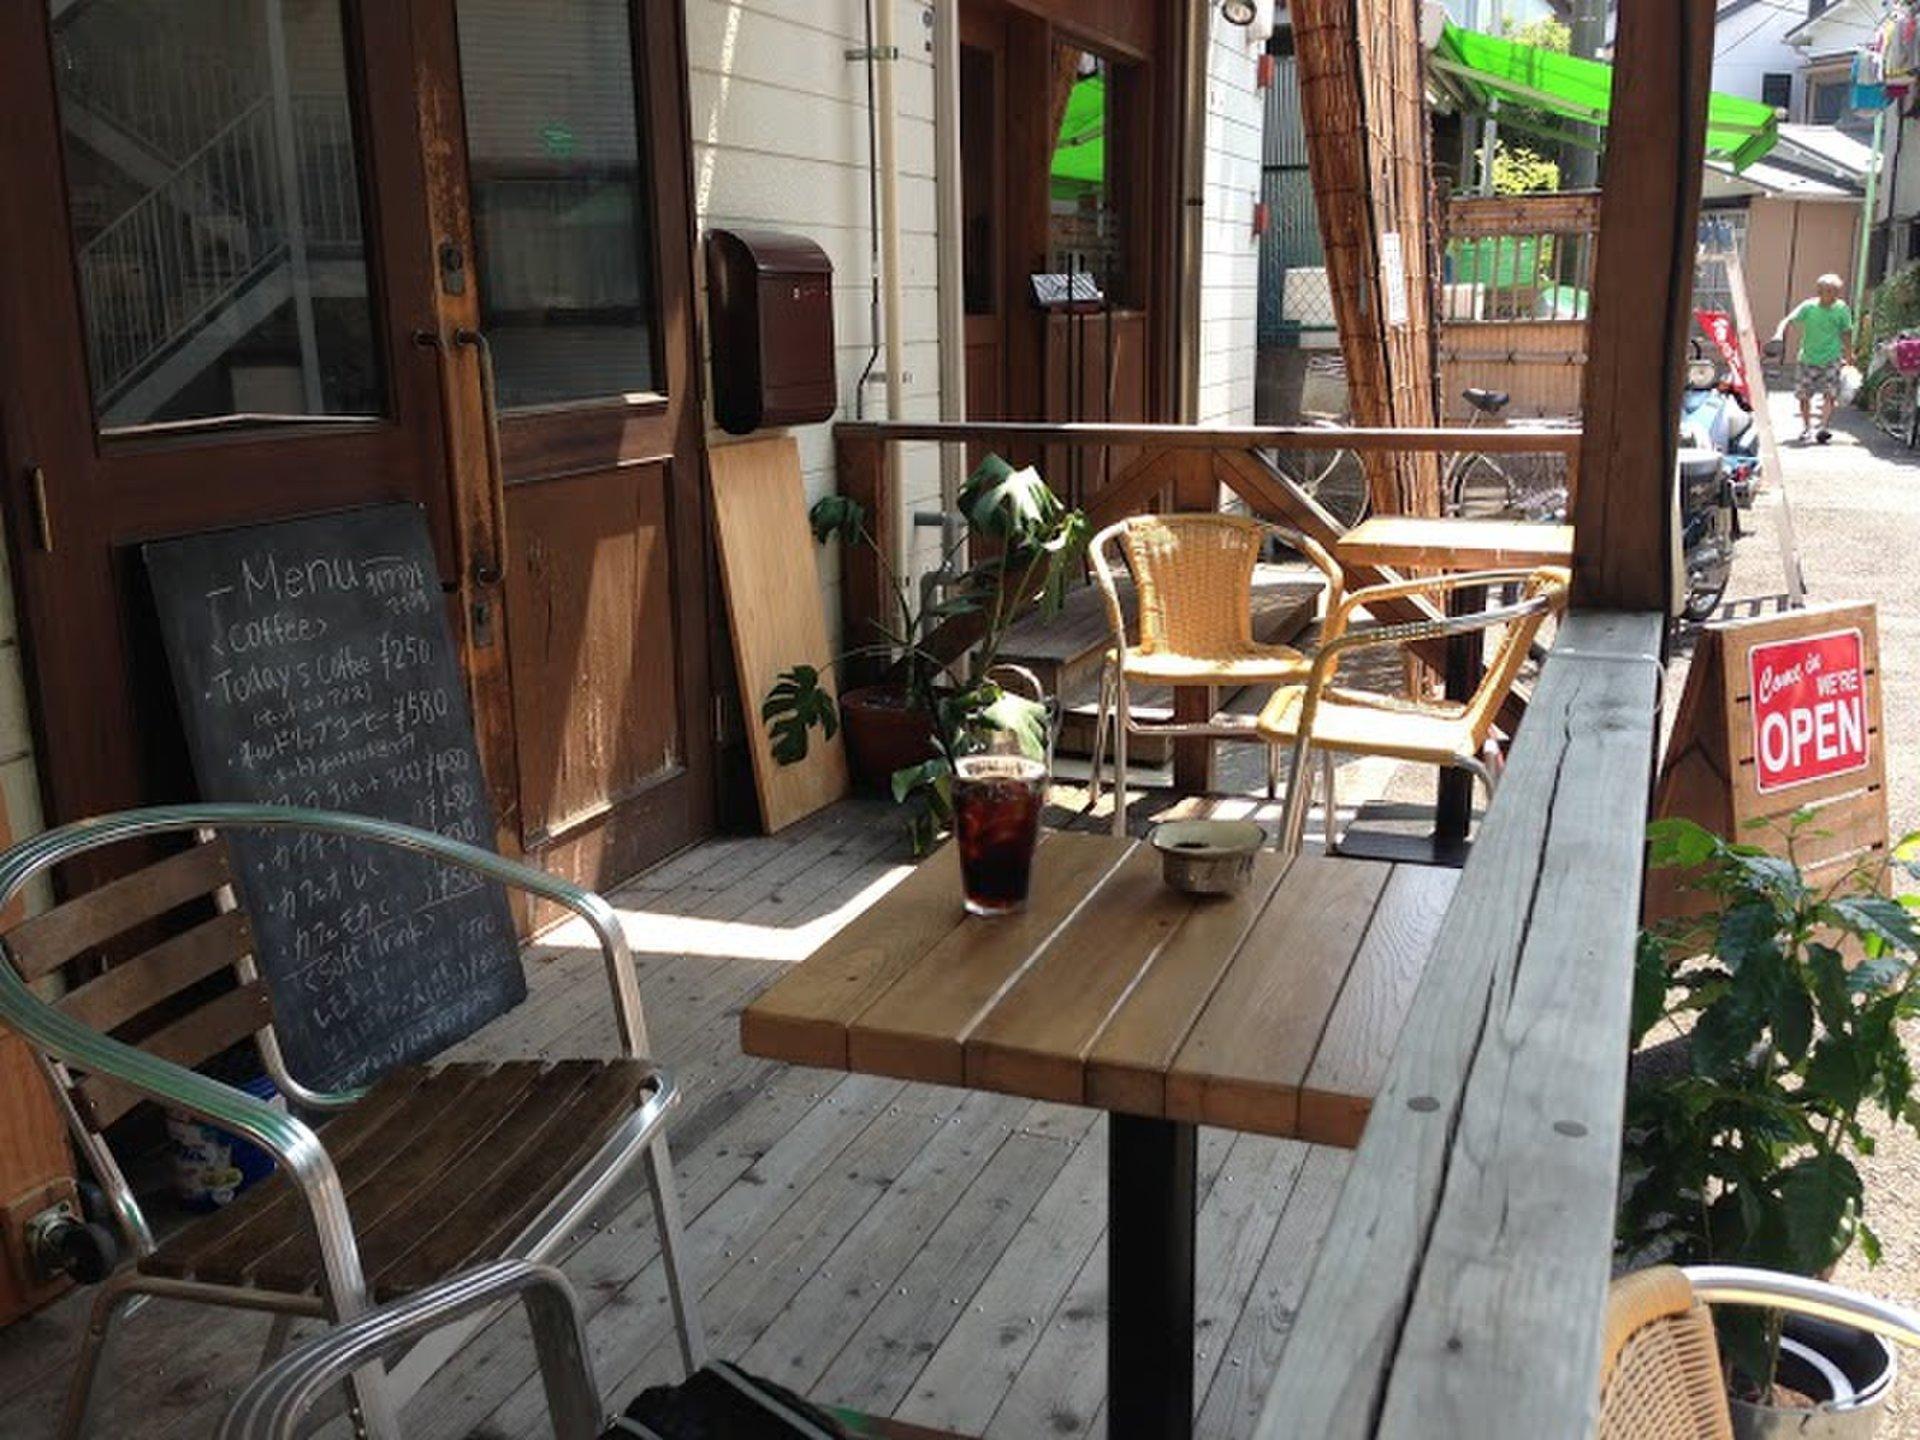 【元町のおすすめカフェ3選】人気のお昼ランチや穴場のおいしいコーヒ屋さん!デートにおすすめ!